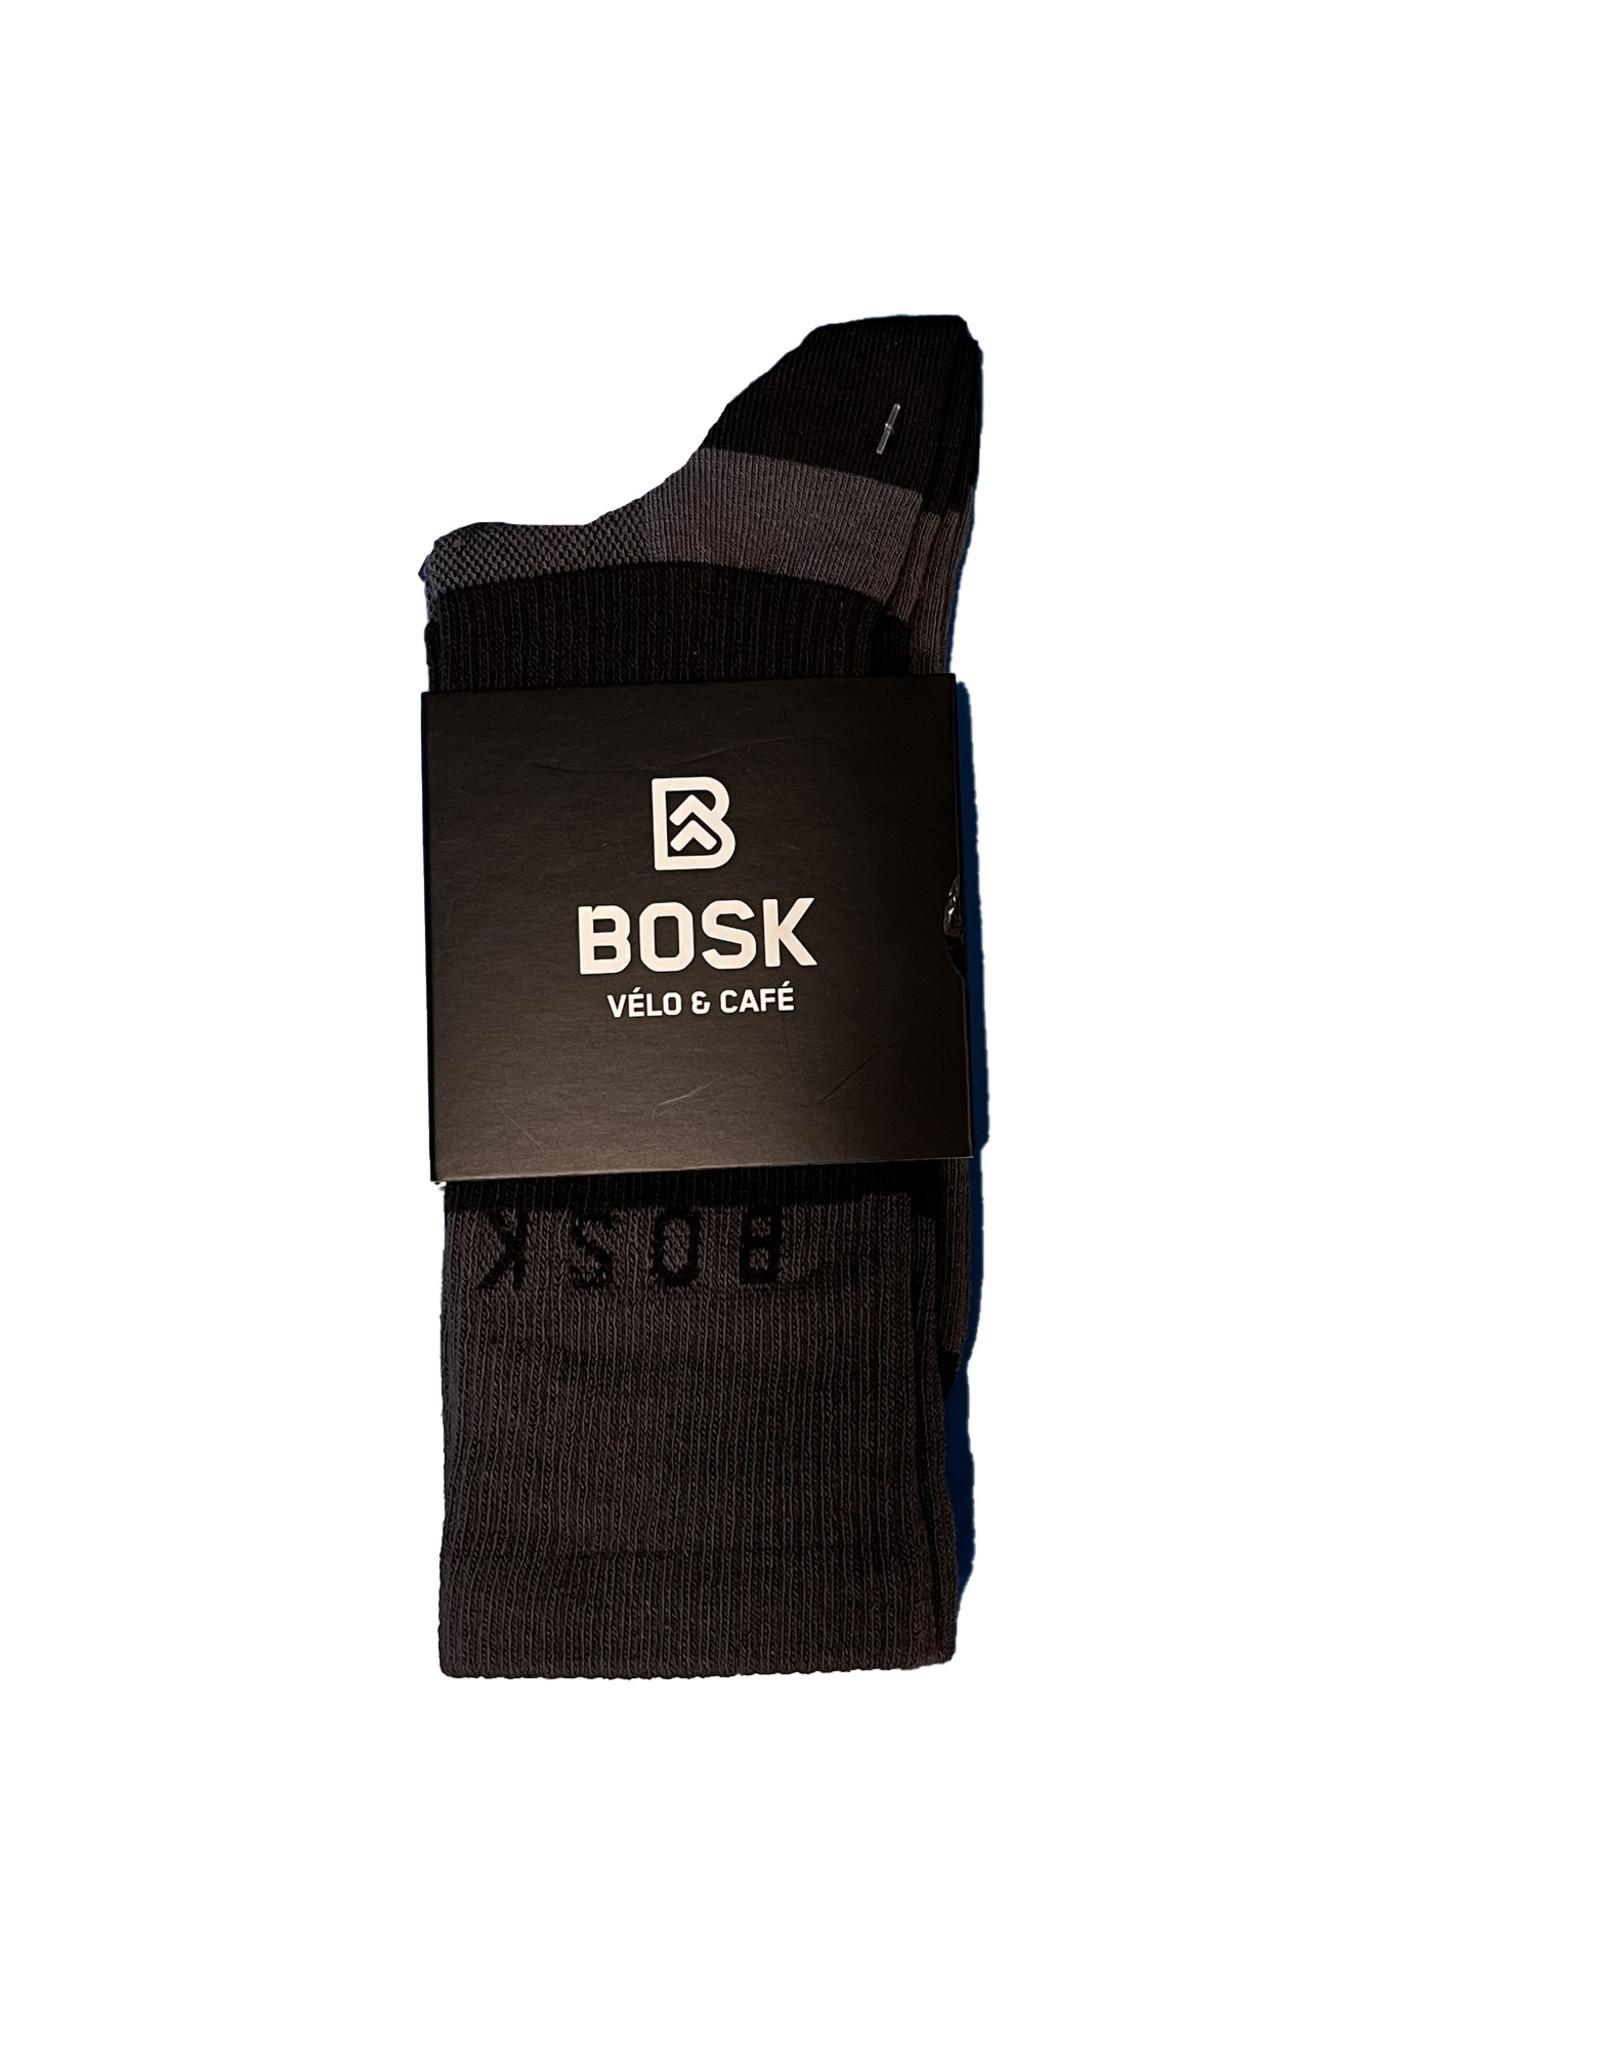 Bas Bosk Summer 2021